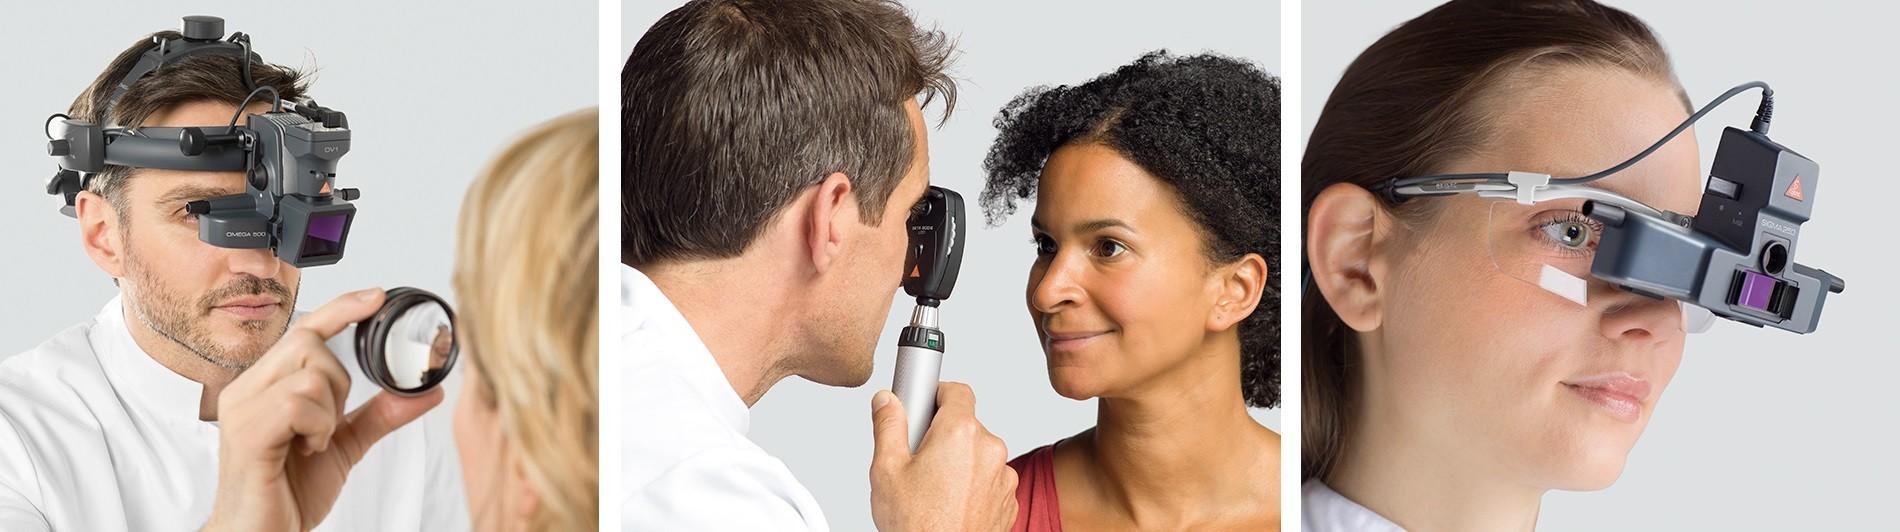 Ophthalmoskopie, Retinoskopie und mehr.